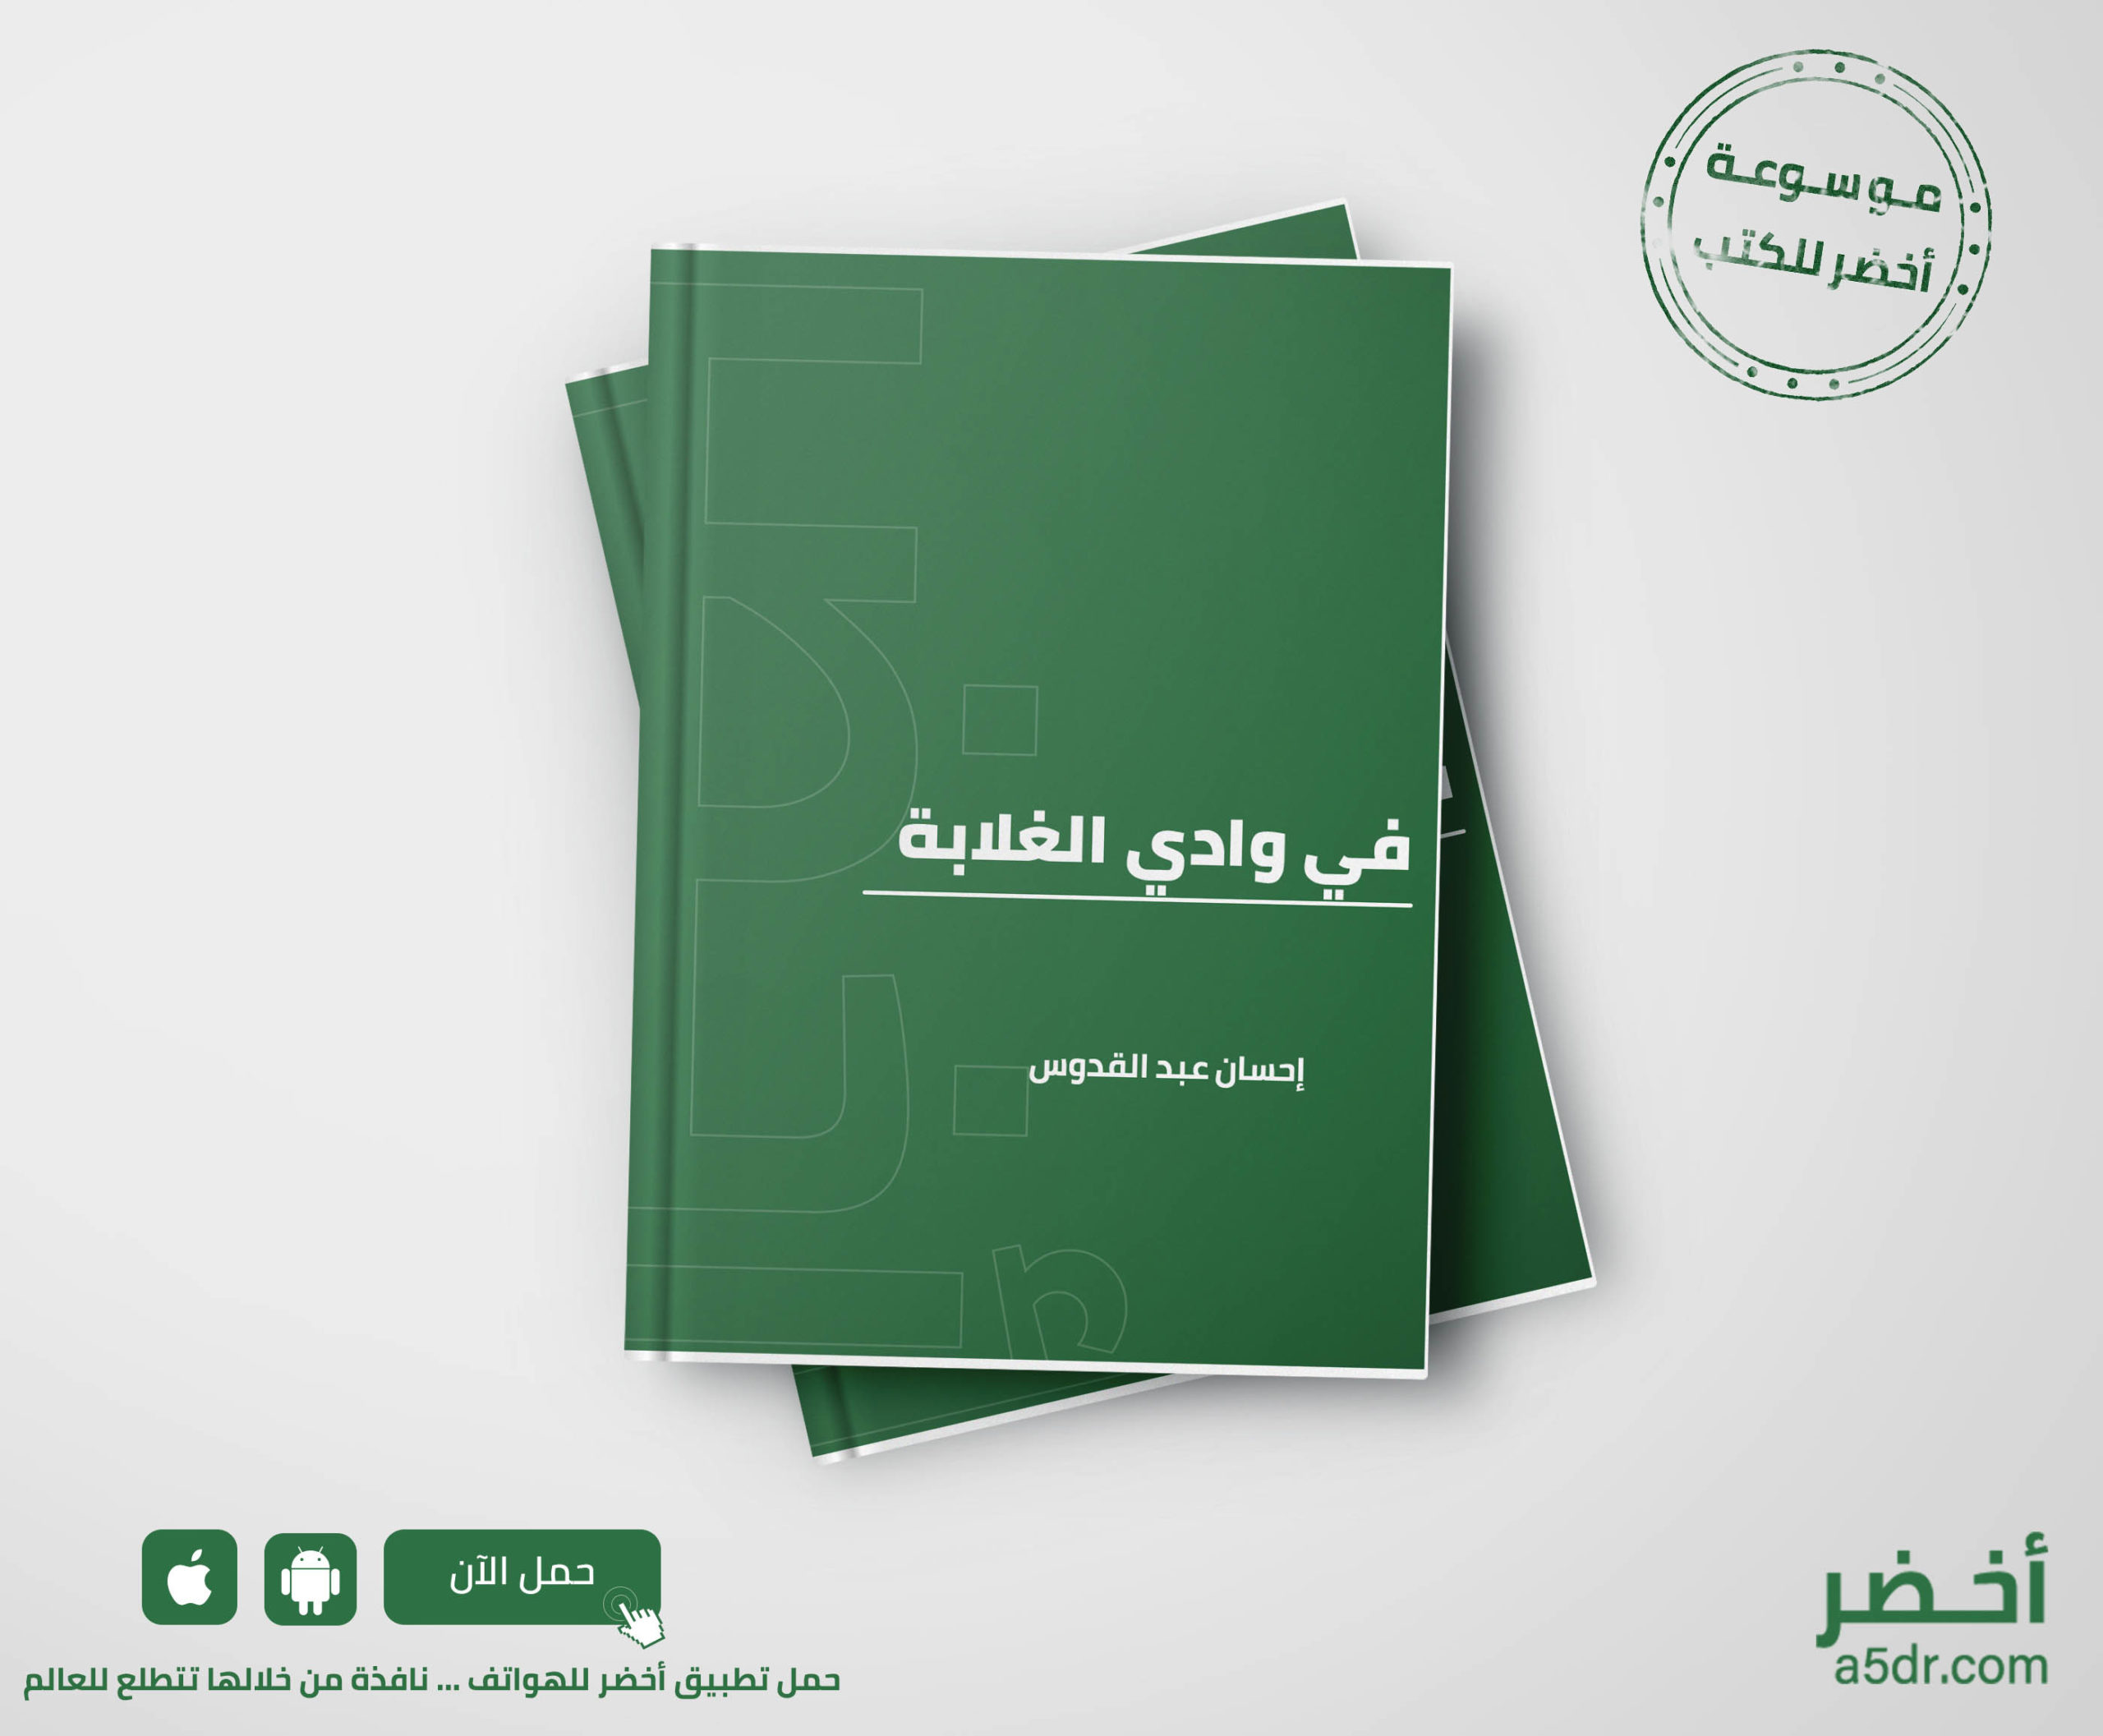 رواية في وادي الغلابة - إحسان عبد القدوس